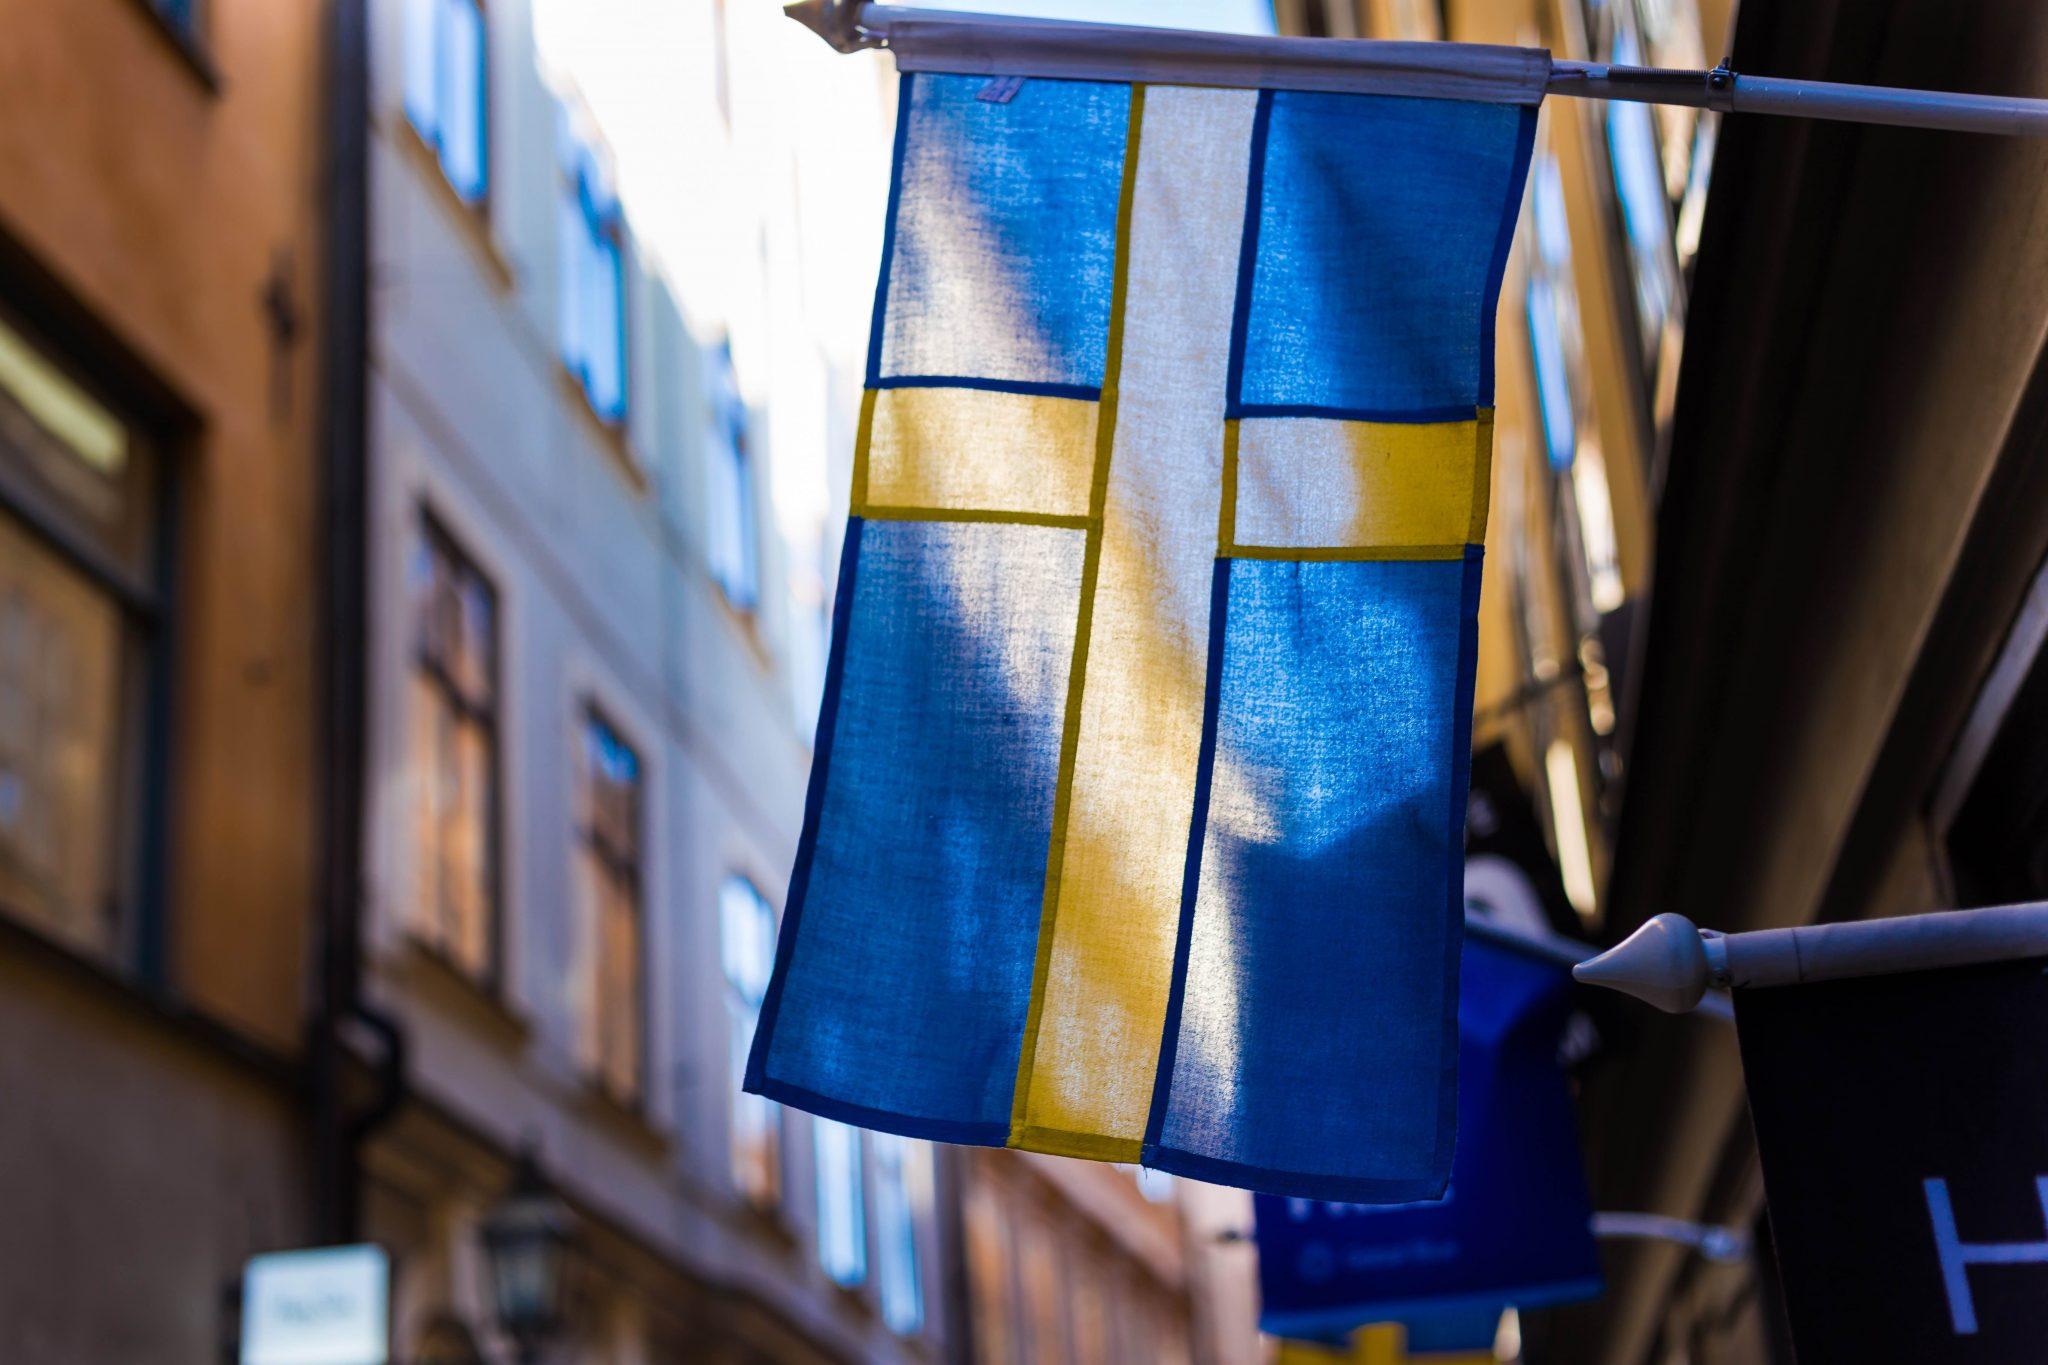 La bandiera della Svezia, che non riconosce il coronavirus come un problema nazionale